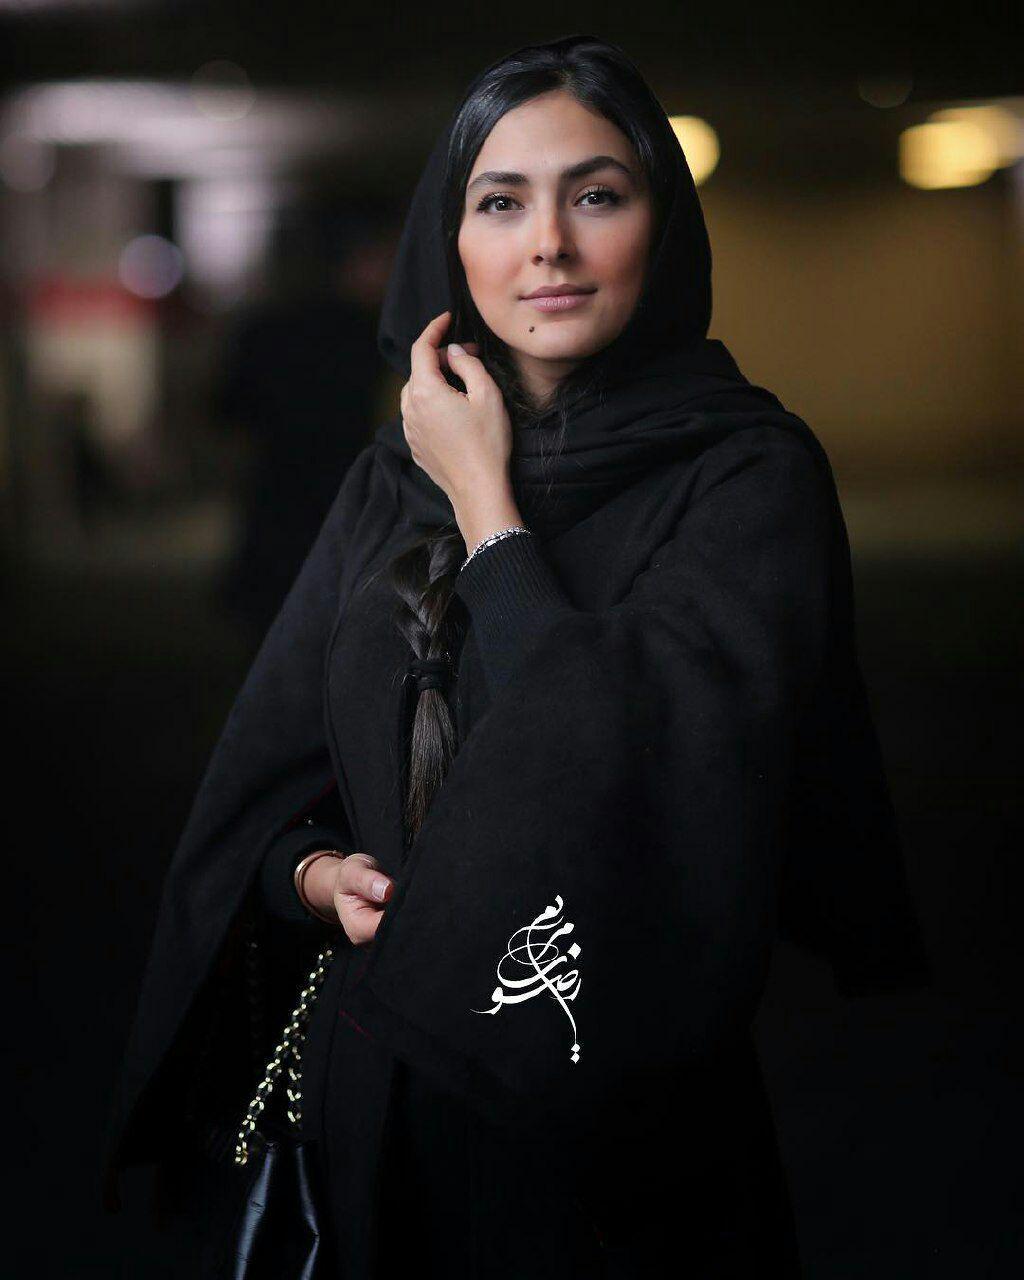 عکسهای هدی زین العابدین در اکران خصوصی فیلم پل خواب